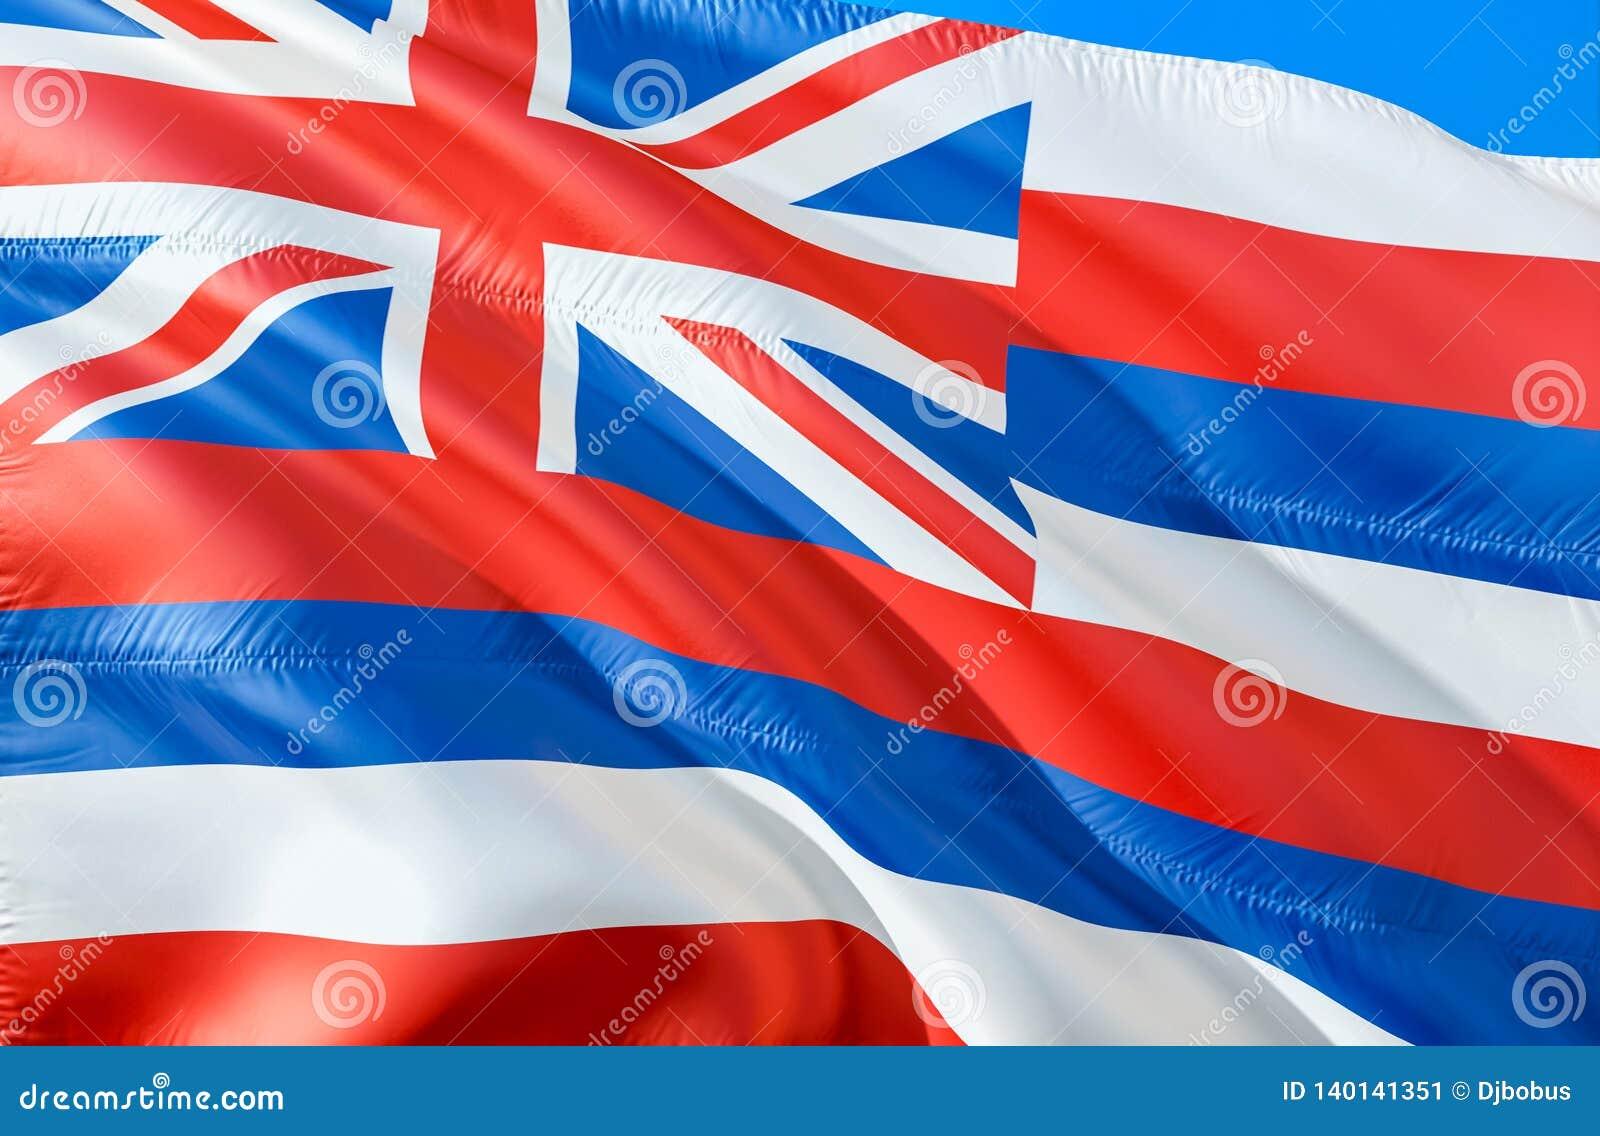 Σημαία της Χαβάης τρισδιάστατο σχέδιο κρατικών σημαιών κυματισμού ΗΠΑ Το εθνικό αμερικανικό σύμβολο του κράτους της Χαβάης, τρισδ